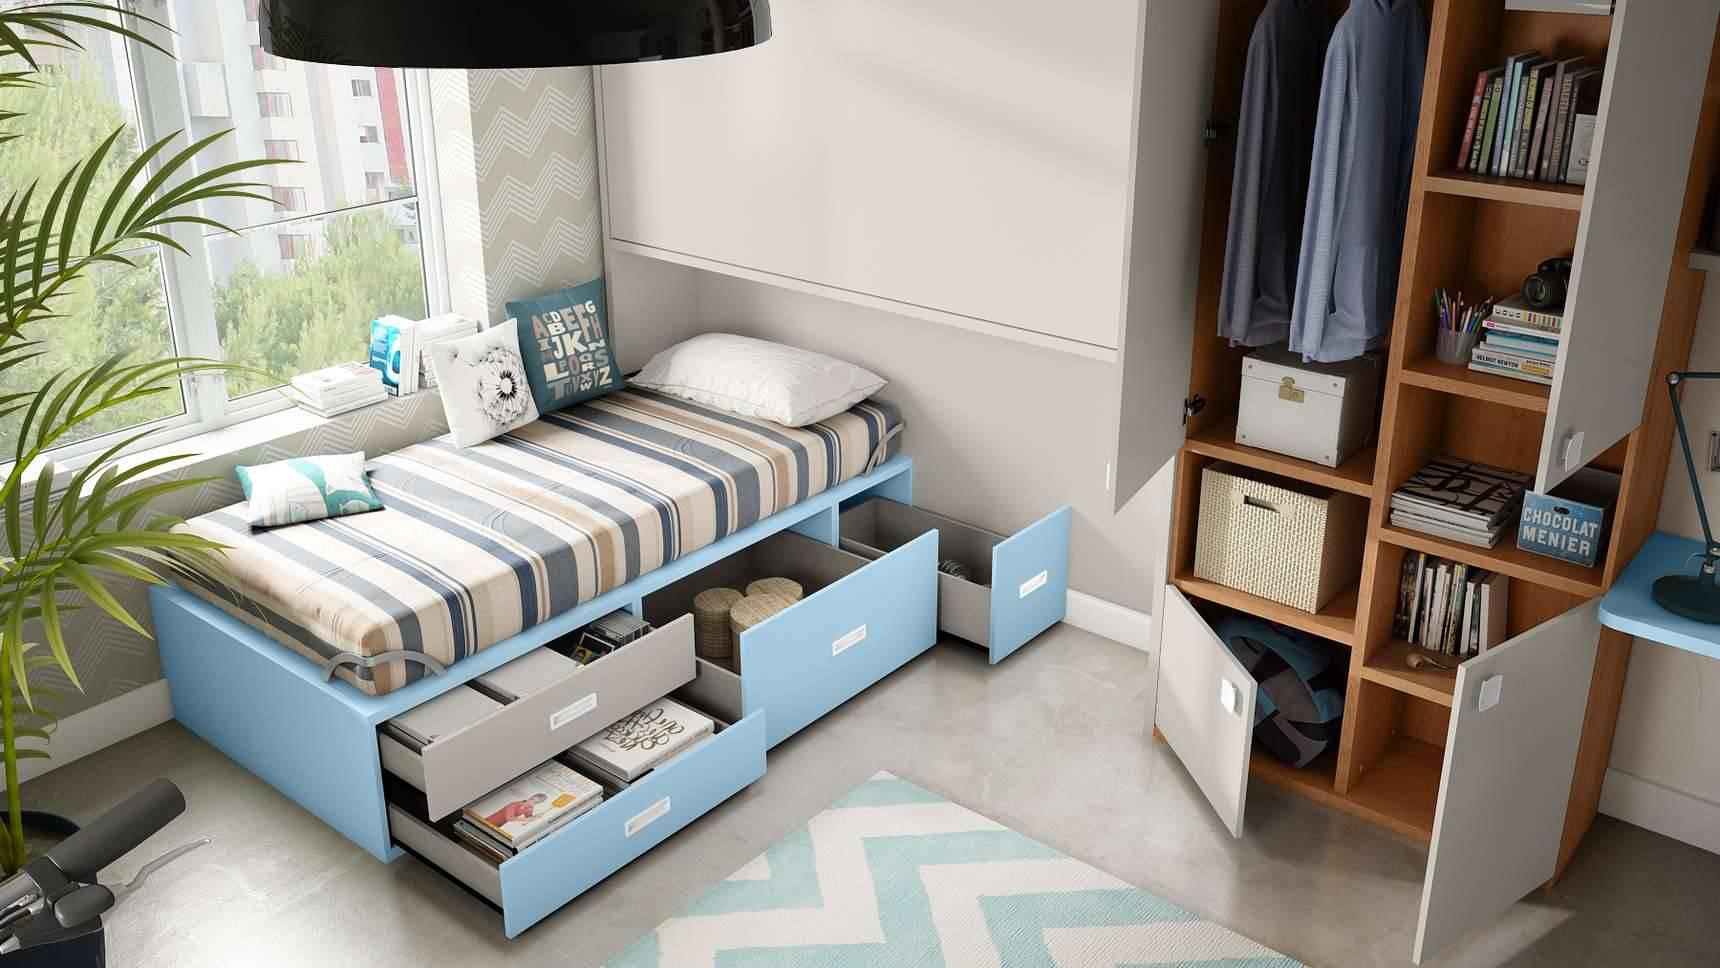 Ideh bita cama abatible soft y sistema box - Sistema cama abatible ...